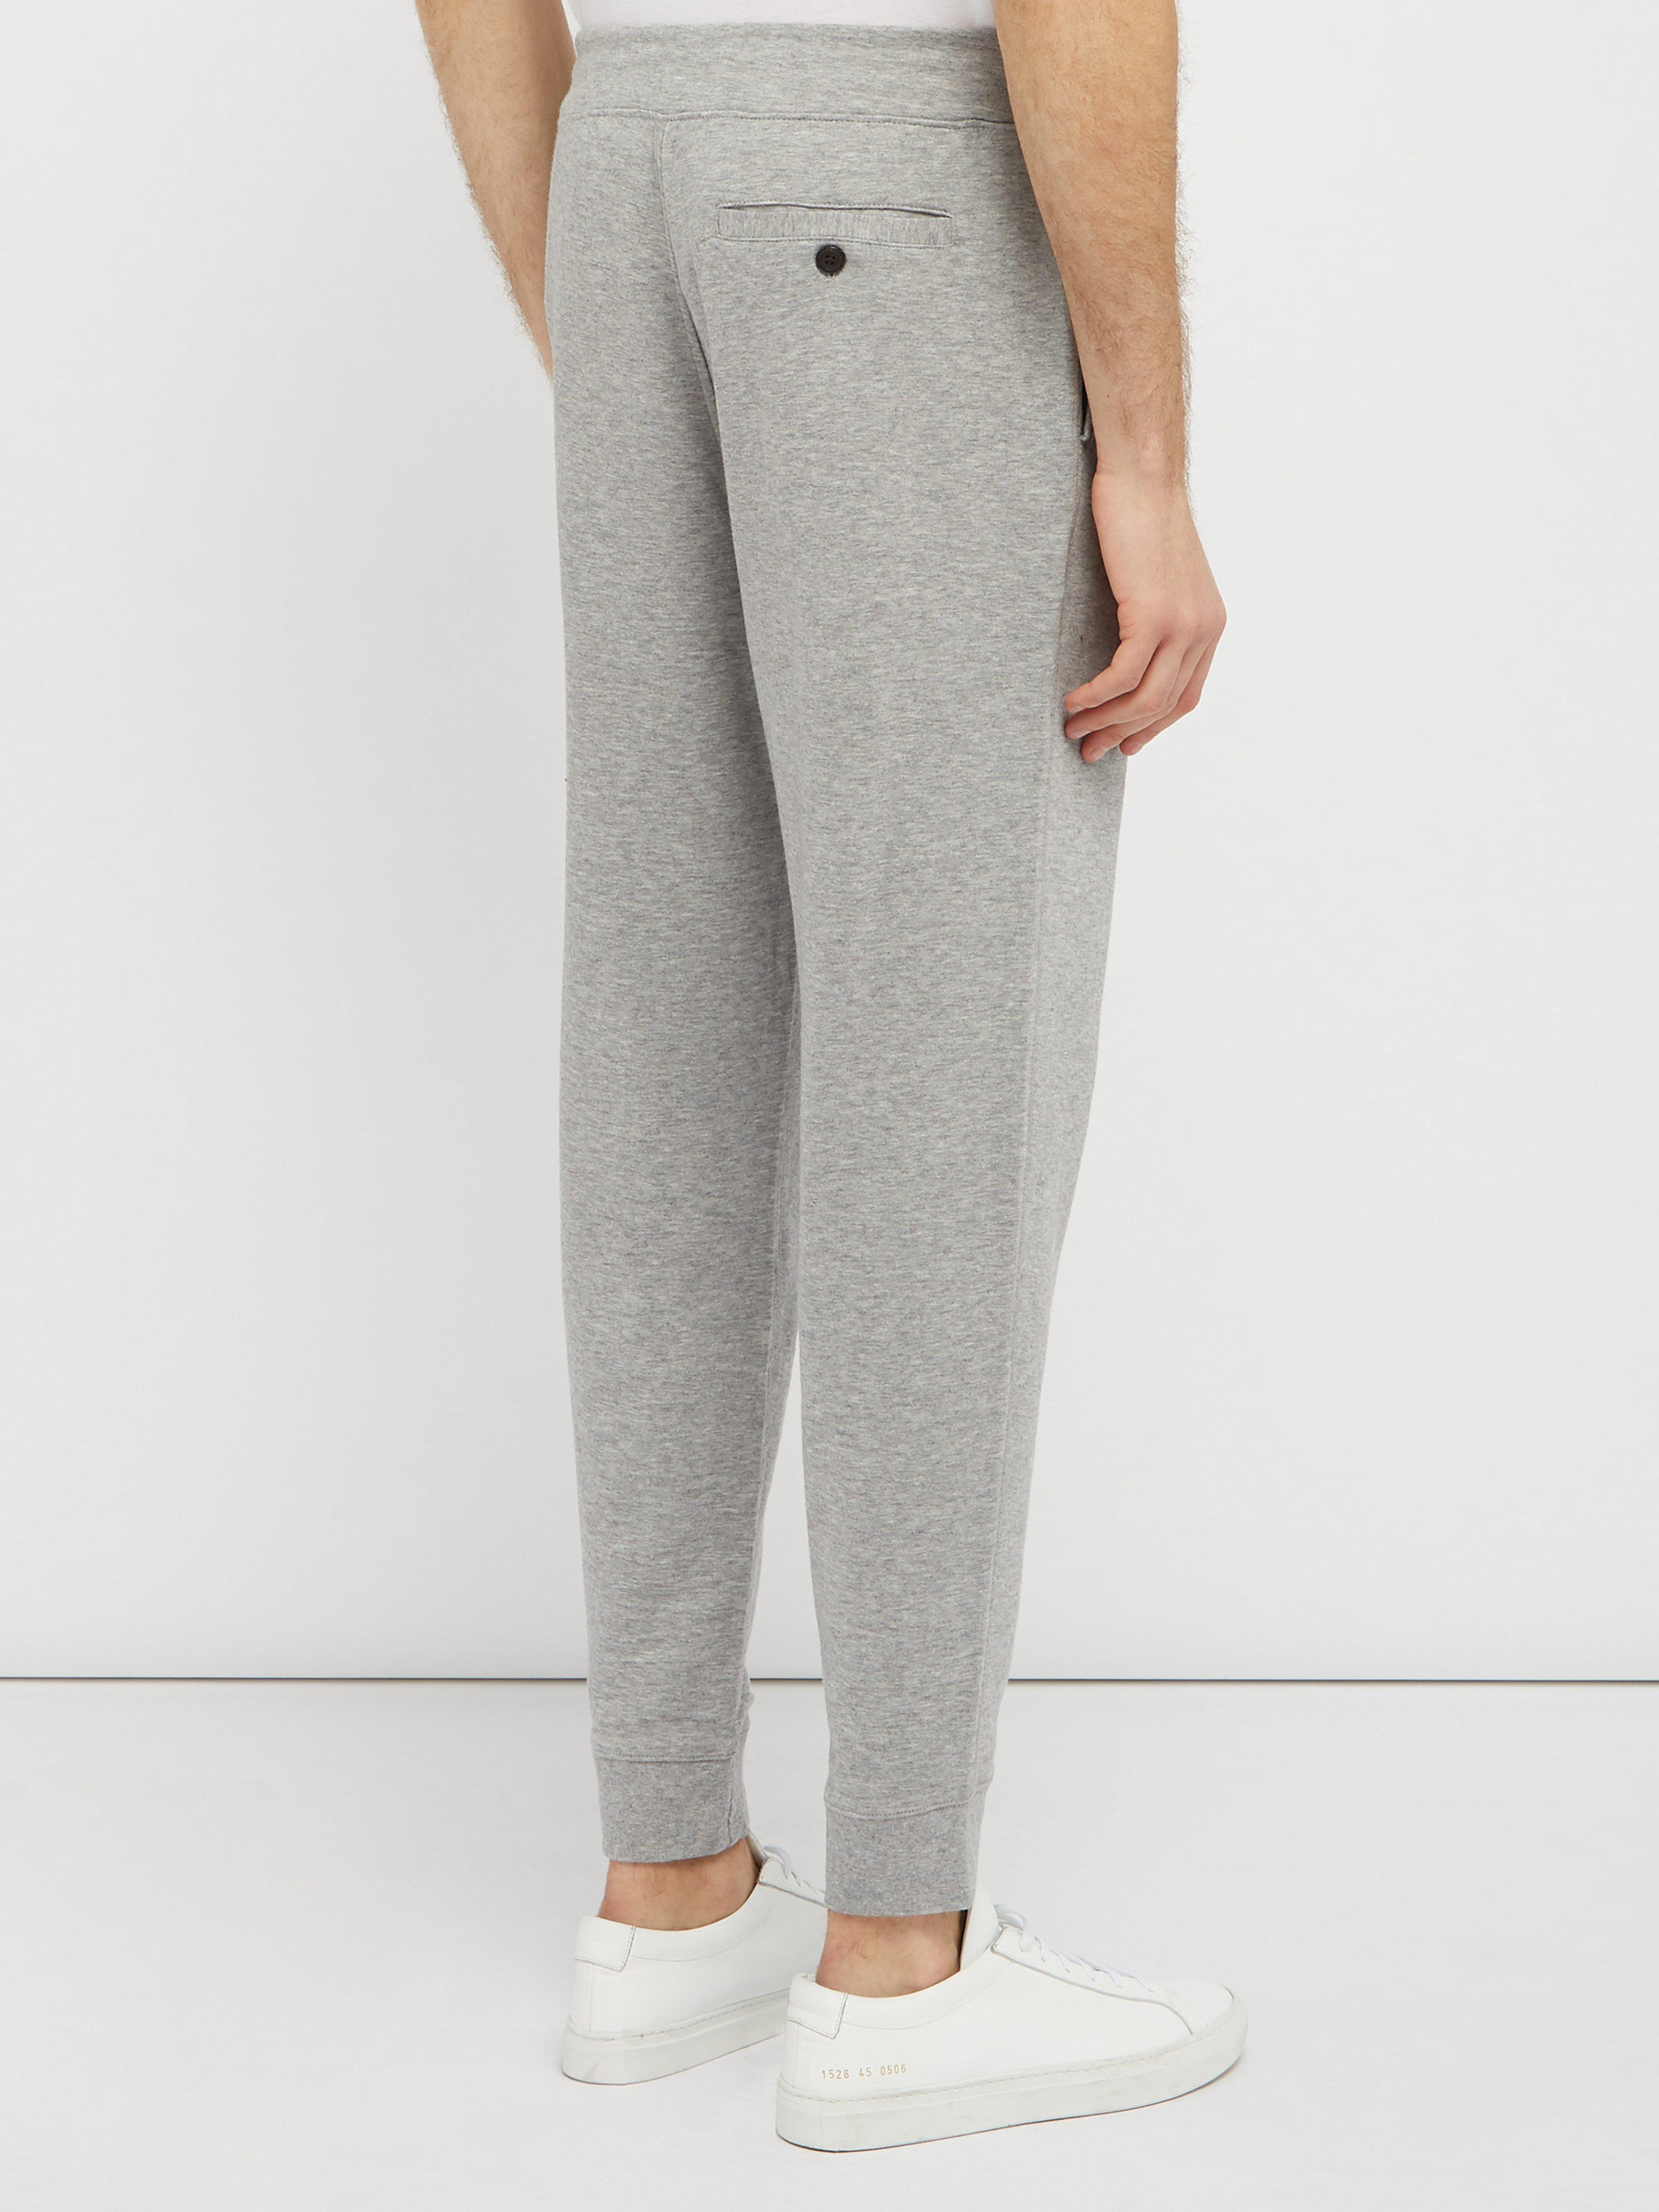 646499fea067c Polo Ralph Lauren - Gray Pantalon de jogging en jersey de coton à logo for  Men. Afficher en plein écran